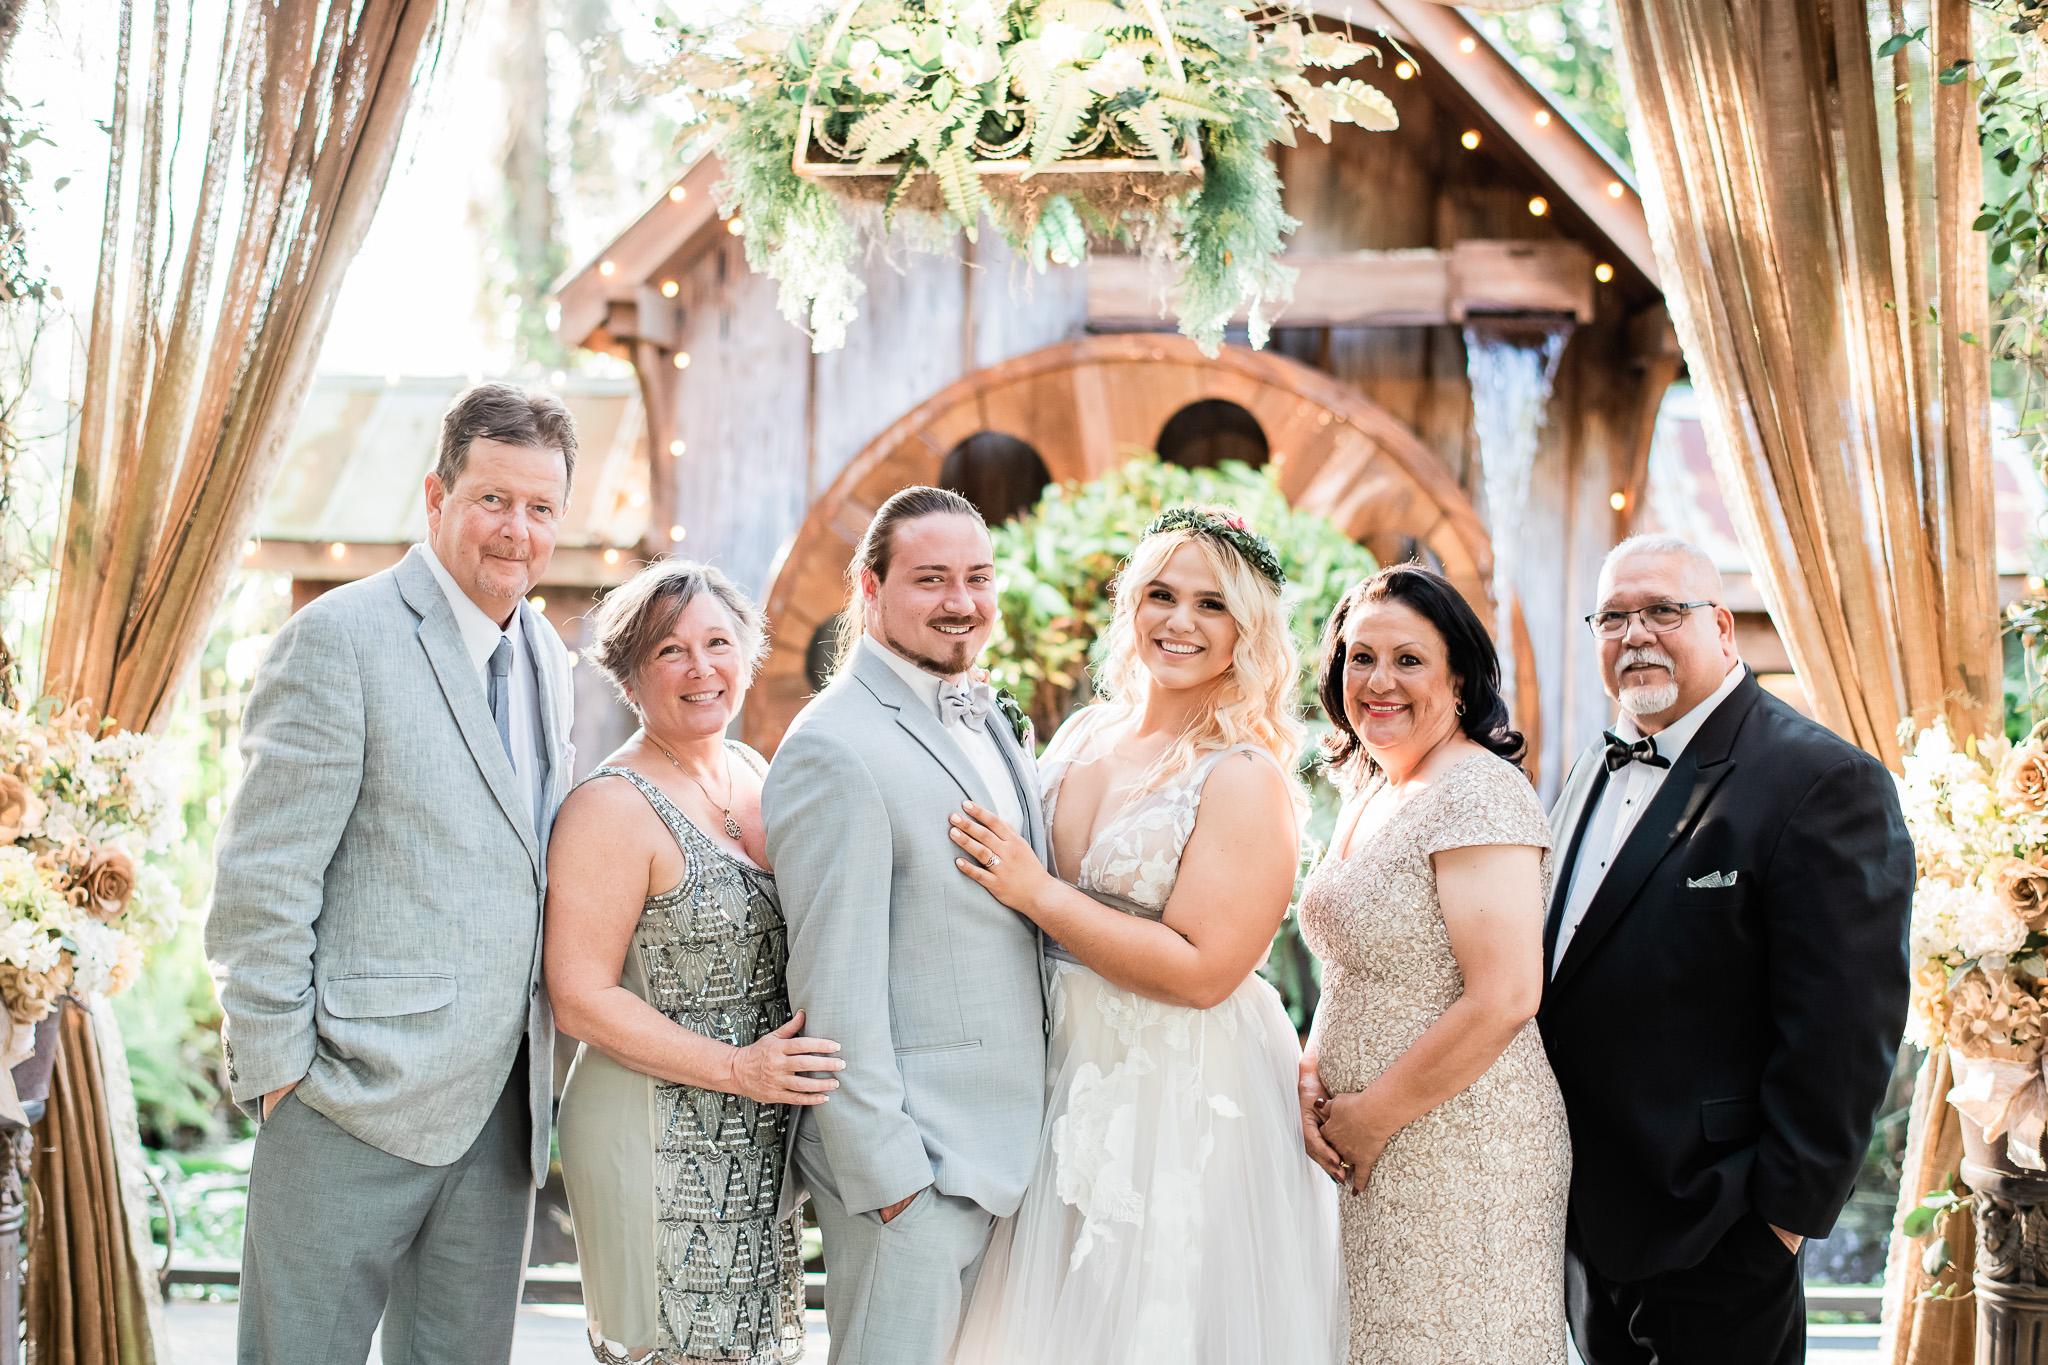 TAMPA_WEDDING_GIGIS_COUNTRY_GARDEN_CJMZ_Z85_9887.jpg